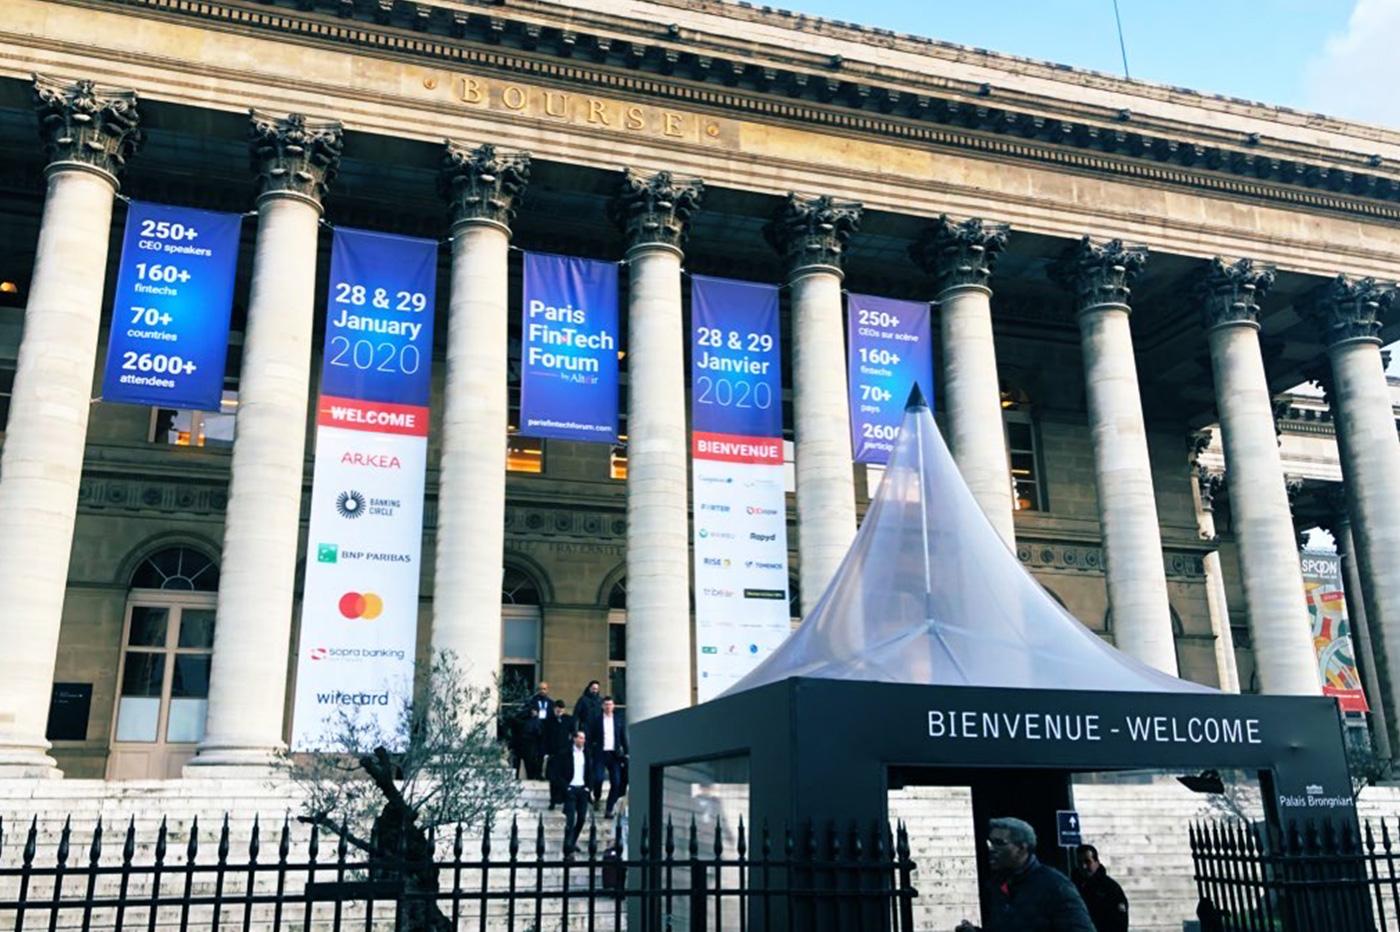 Société Générale Paris Fintech Forum